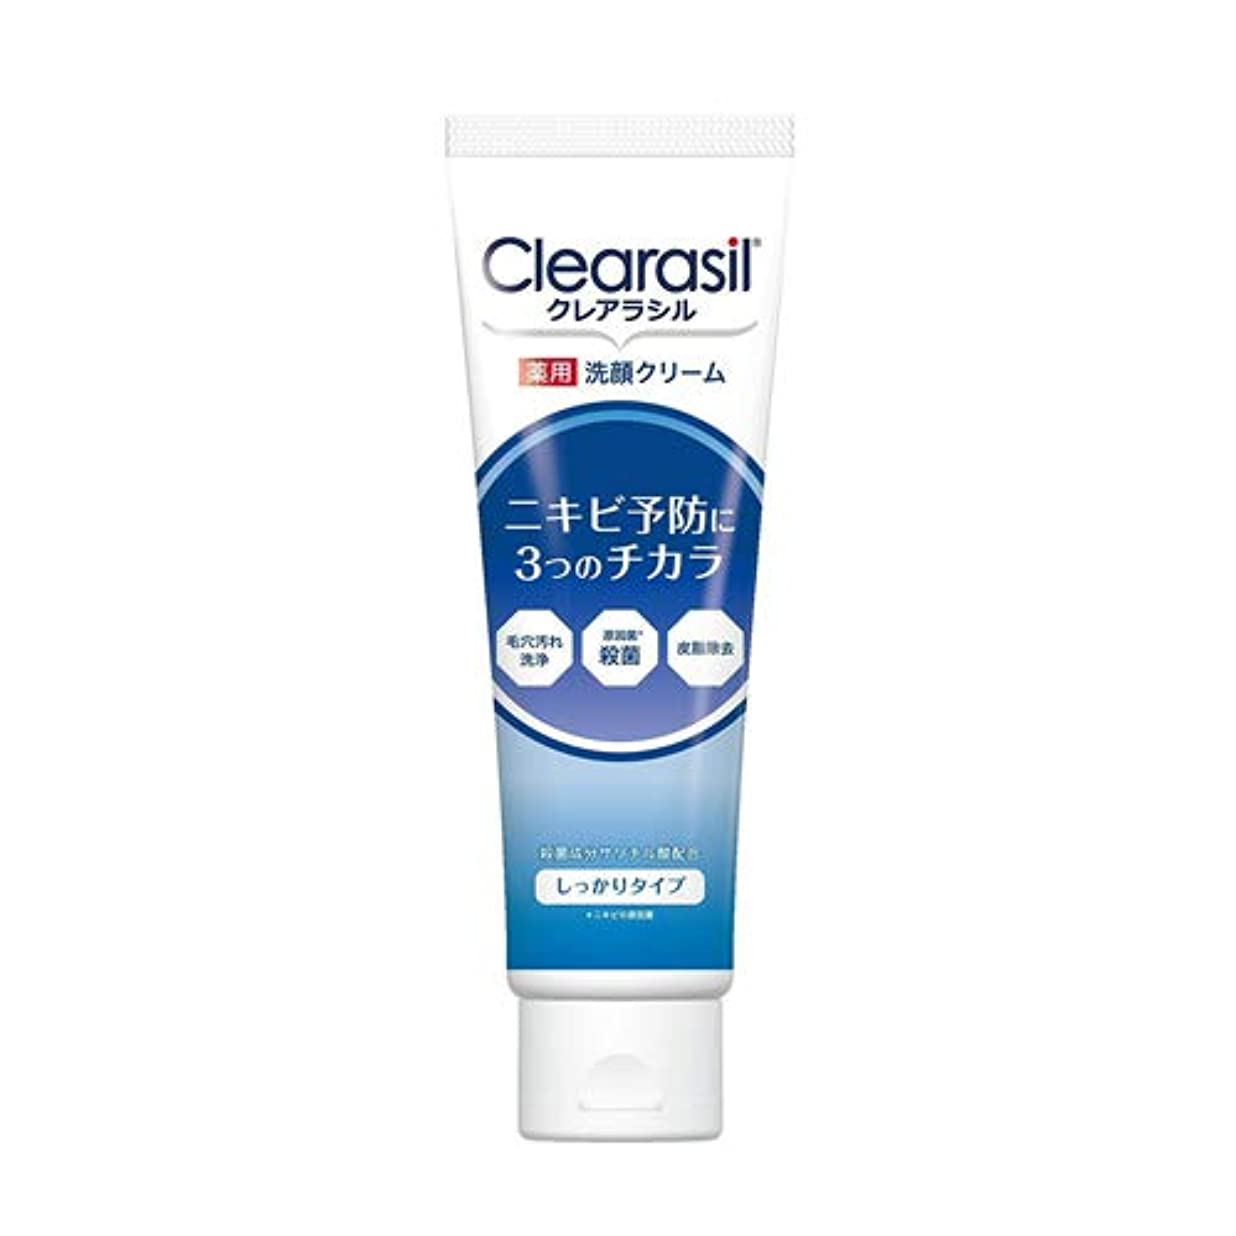 神経抜け目のない面倒クレアラシル 薬用 洗顔クリーム しっかりタイプ 120g 【医薬部外品】